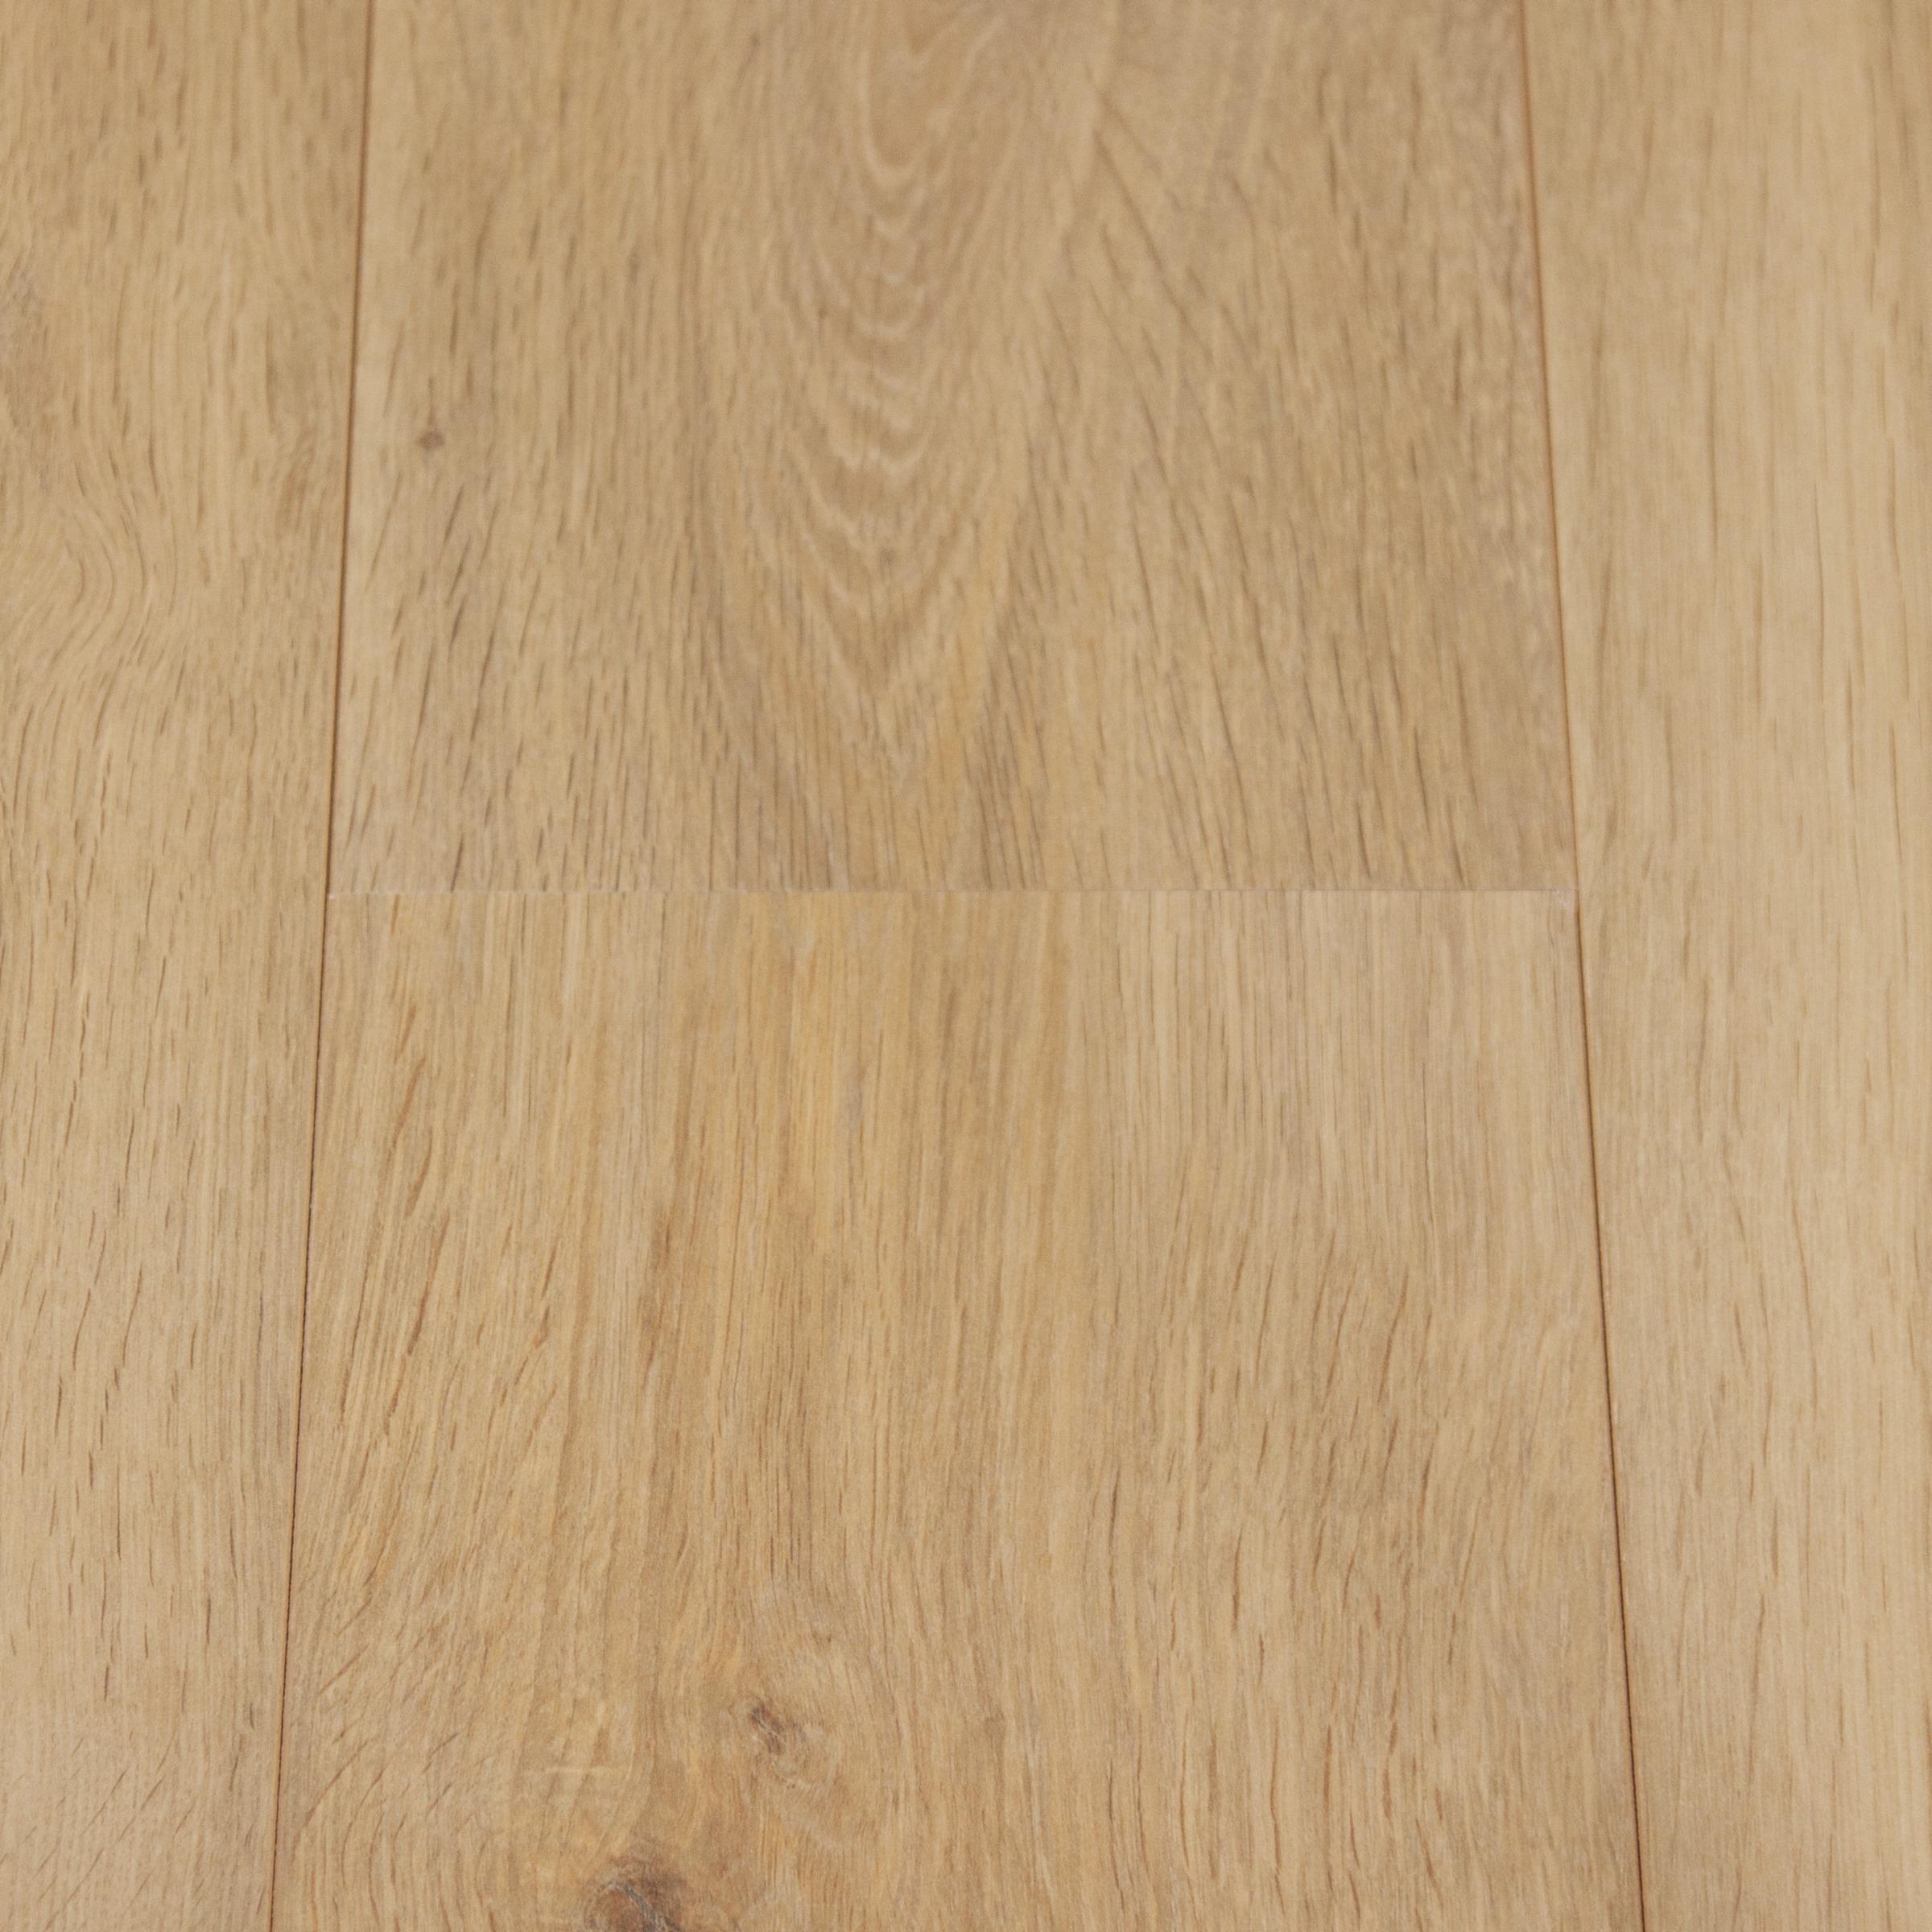 GAMMA Elan laminaat met V groef naturel eiken 2,13 m u00b2 8mm   Laminaat   Vloeren   GAMMA